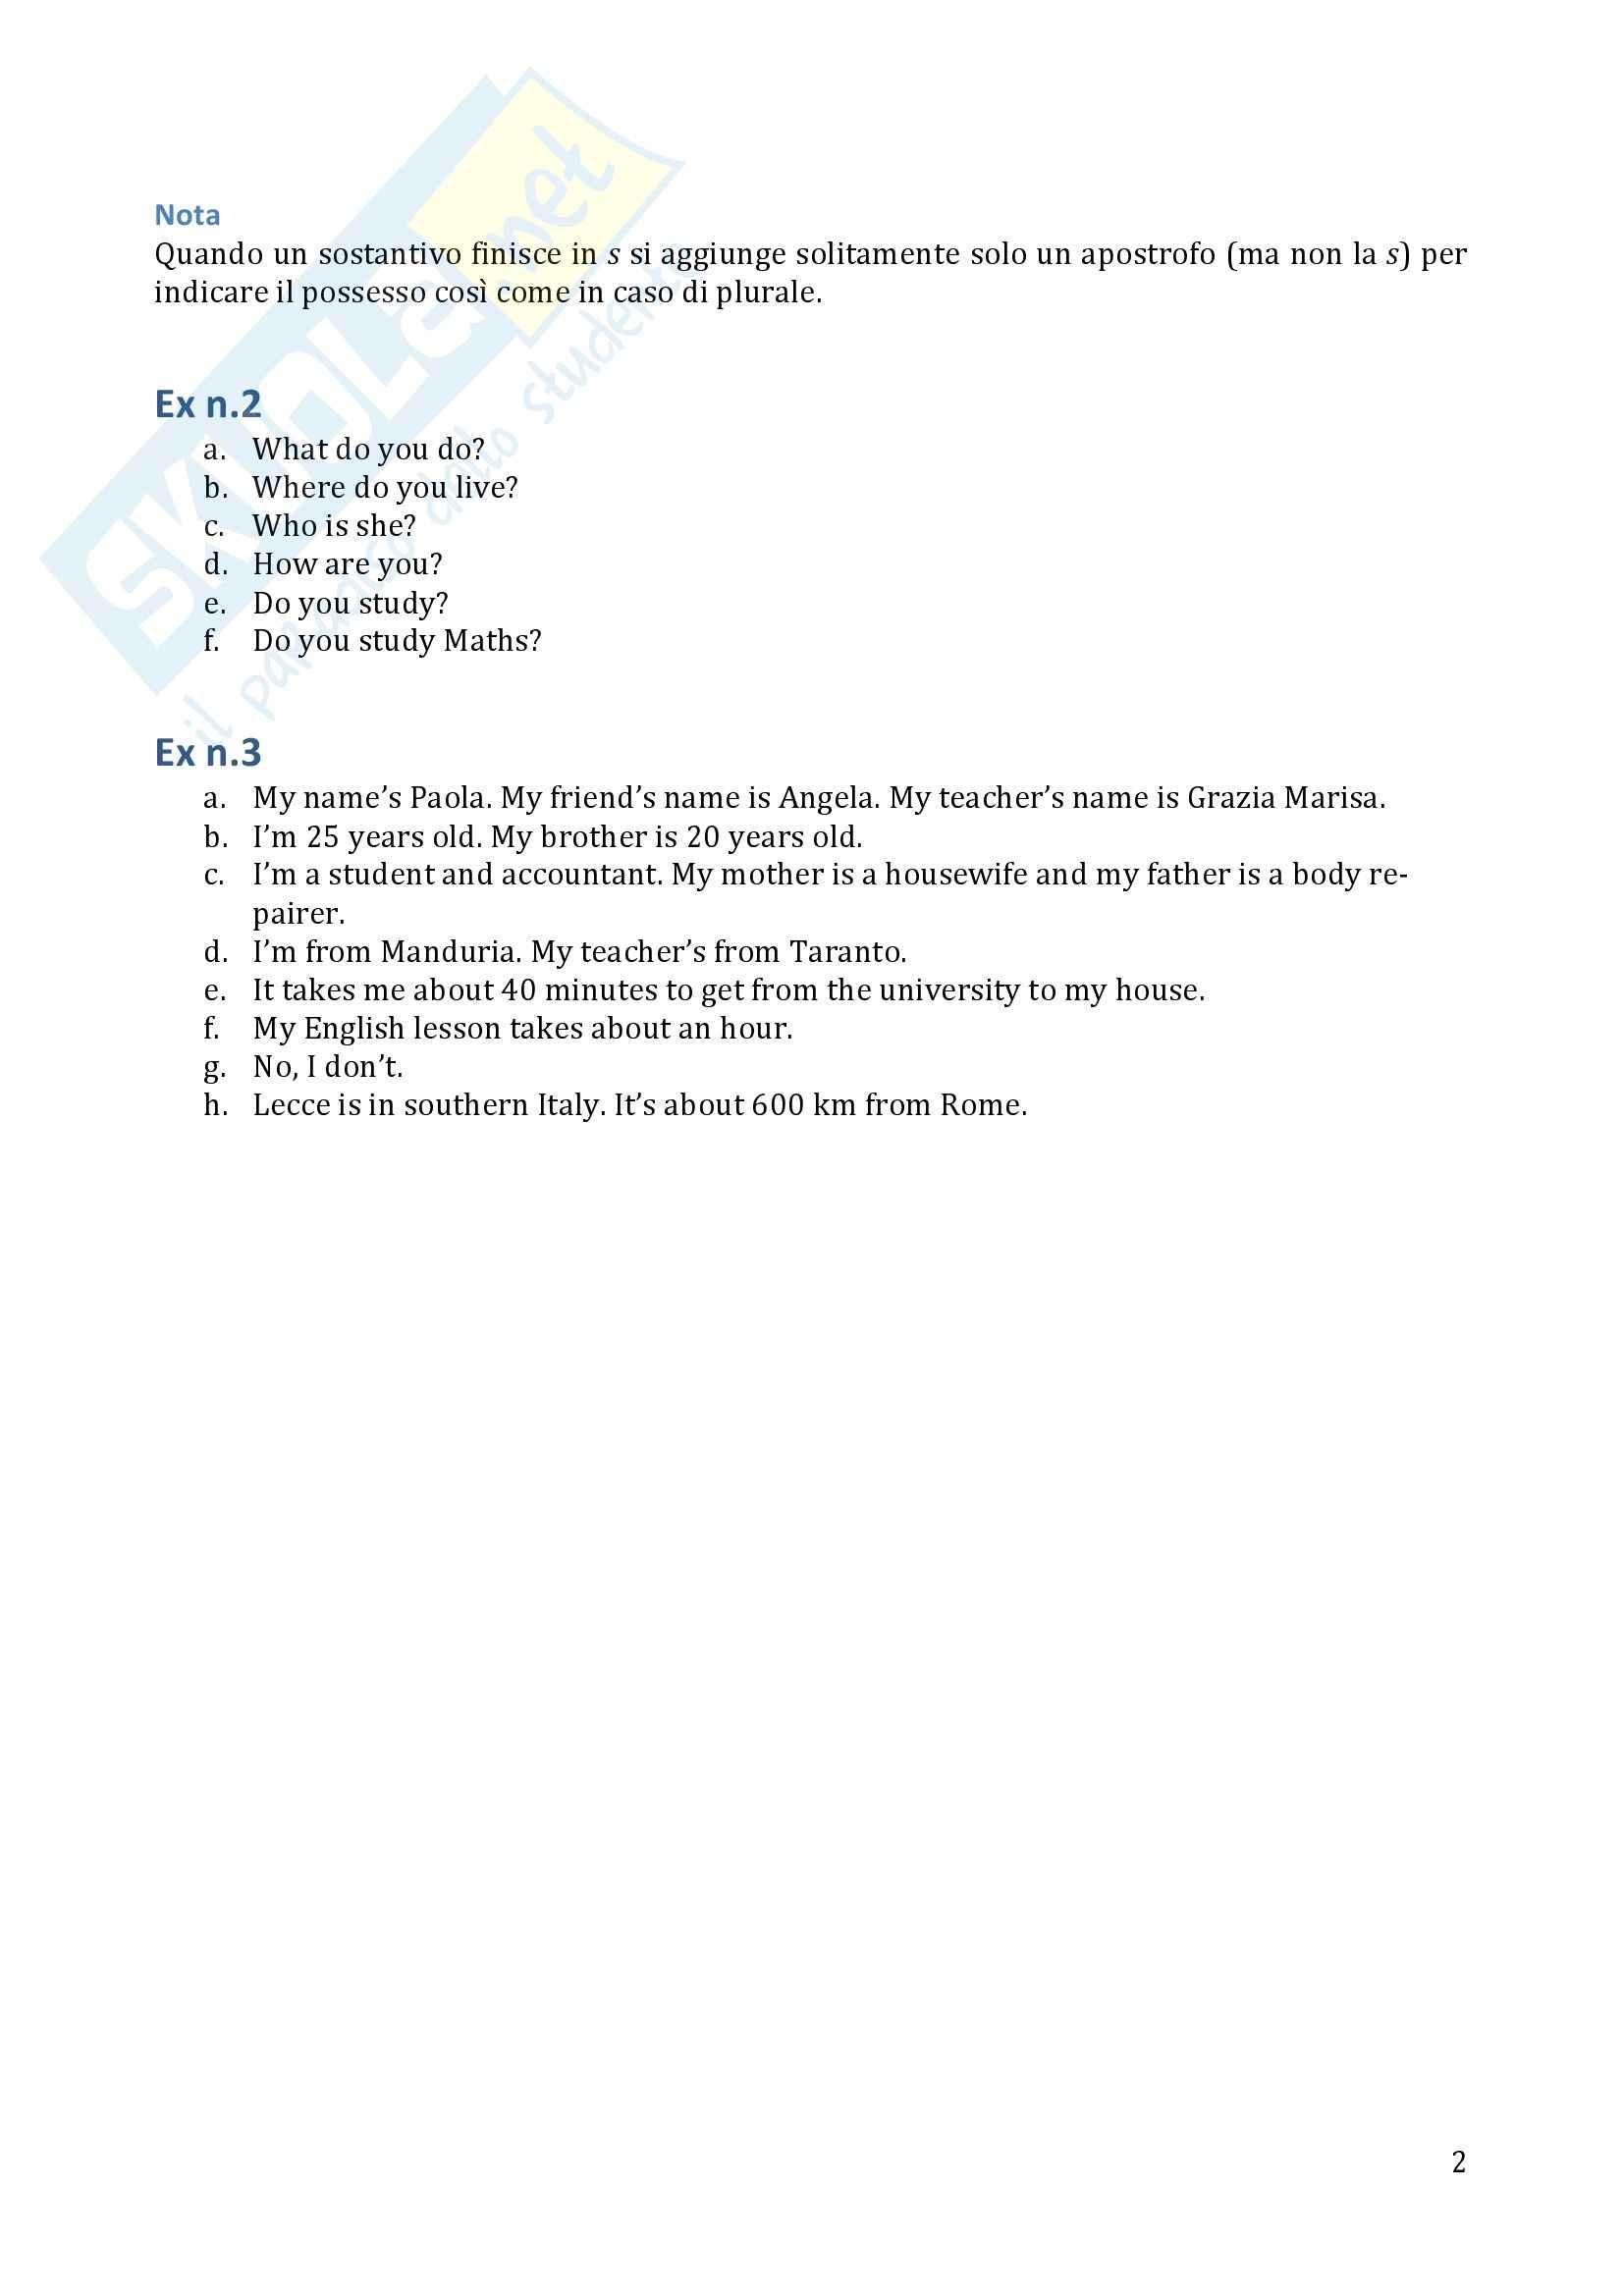 Traduzione ed esercizi svolti, Lingua inglese Pag. 2